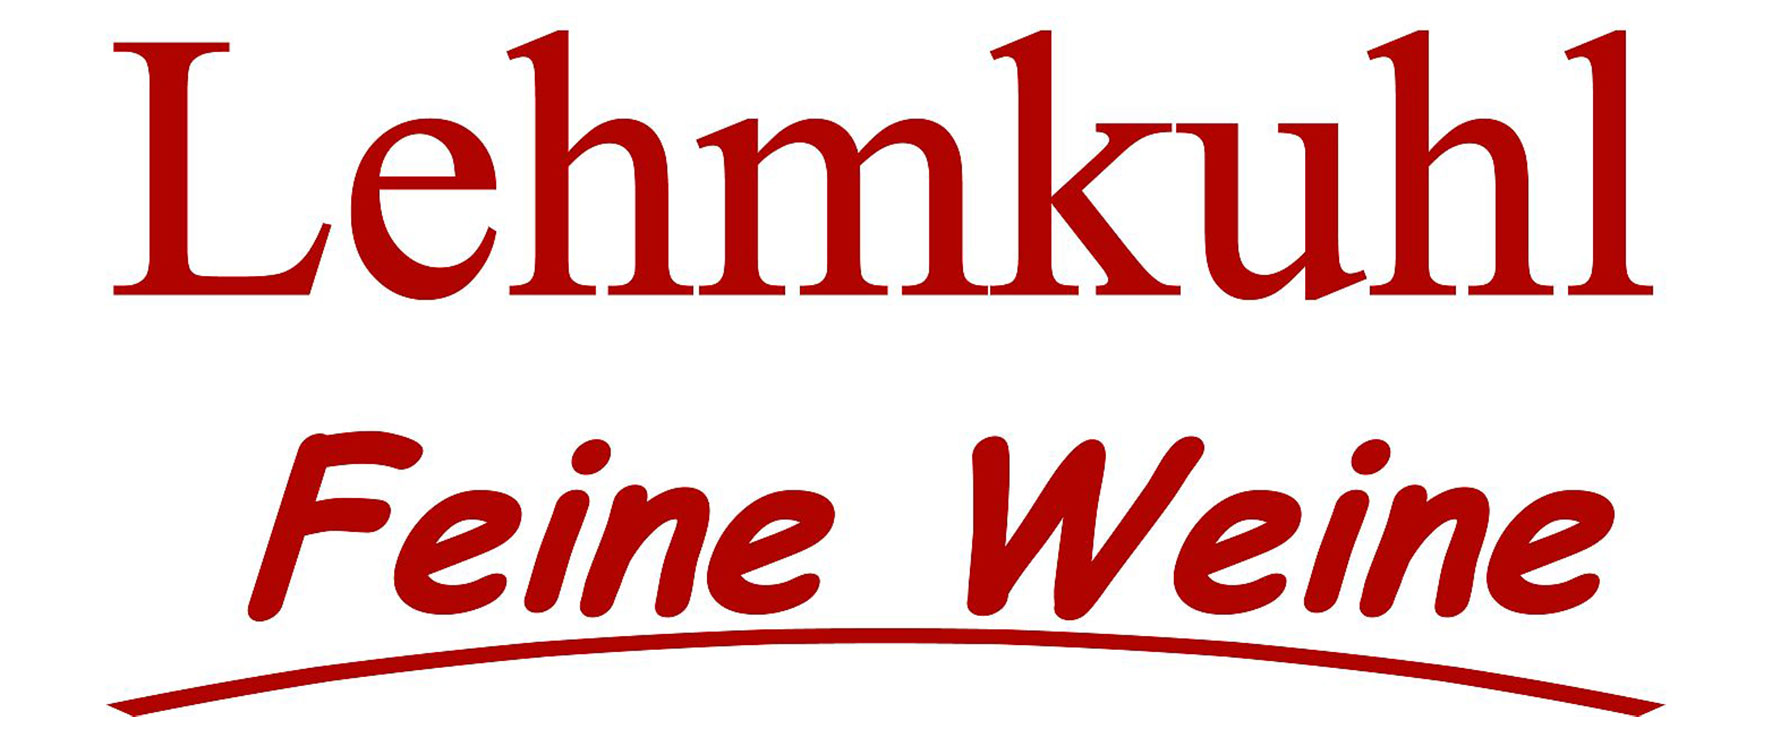 Sponsoren-Logos_Lehmkuhl_1